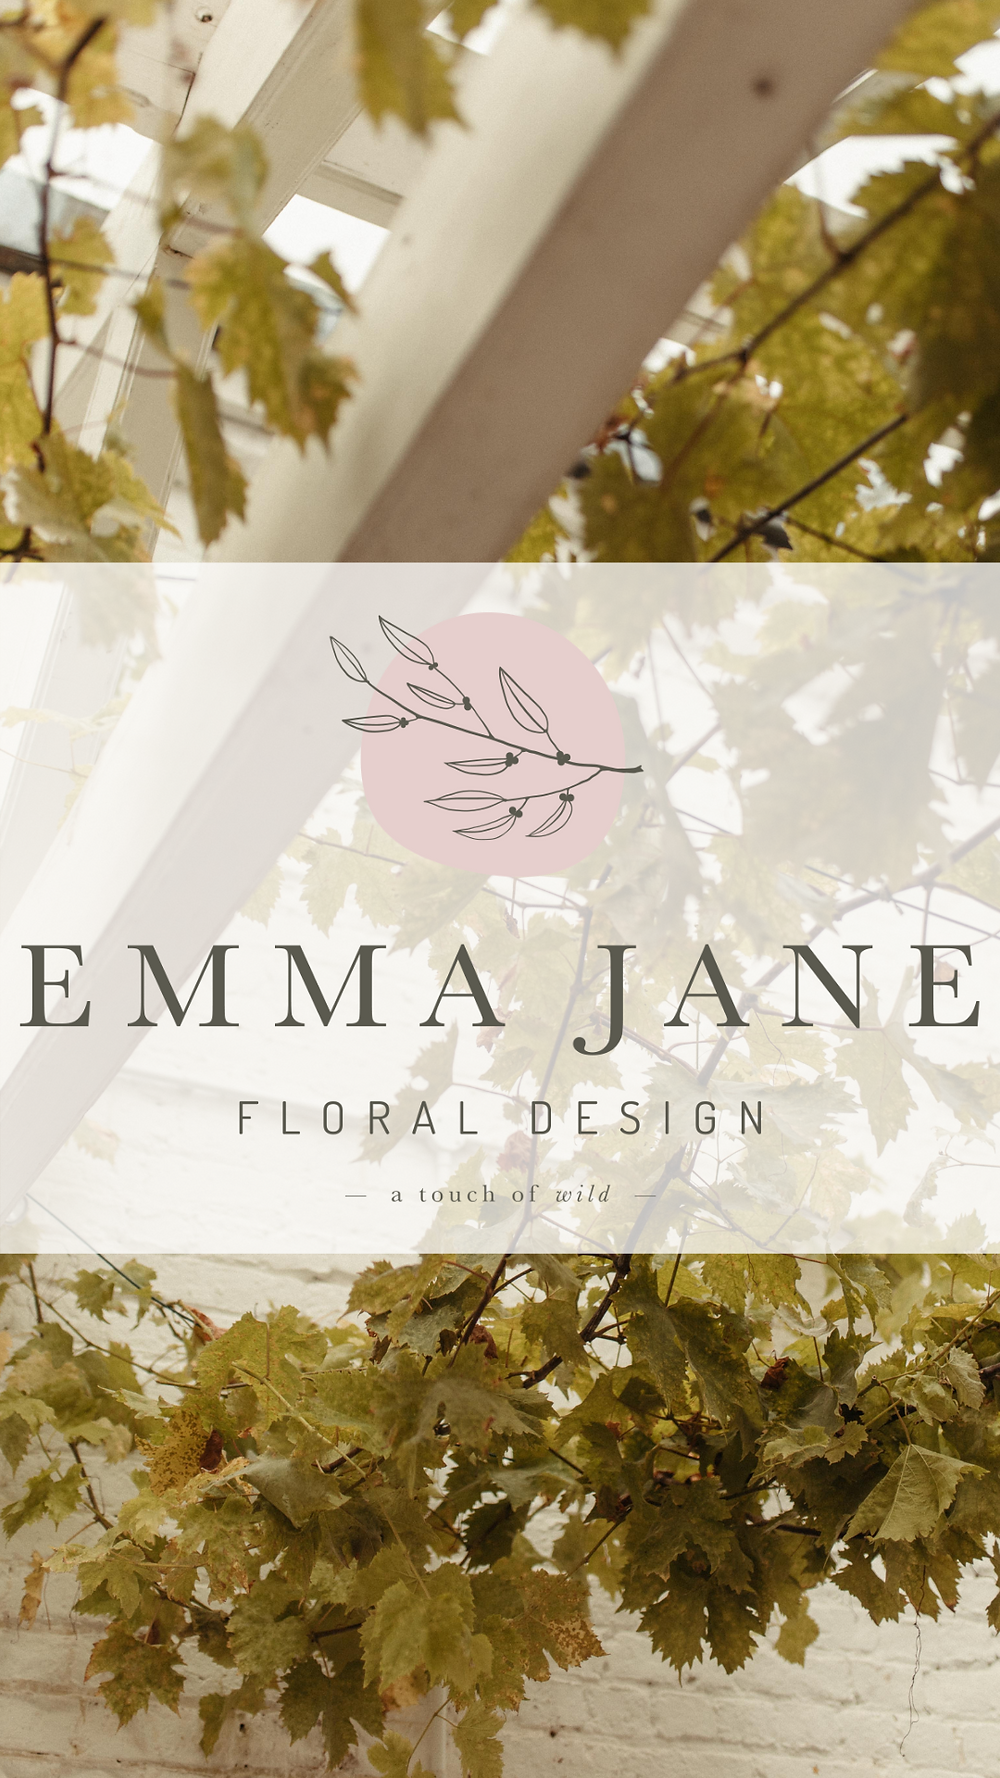 Emma Jane Floral Design with grape vine background